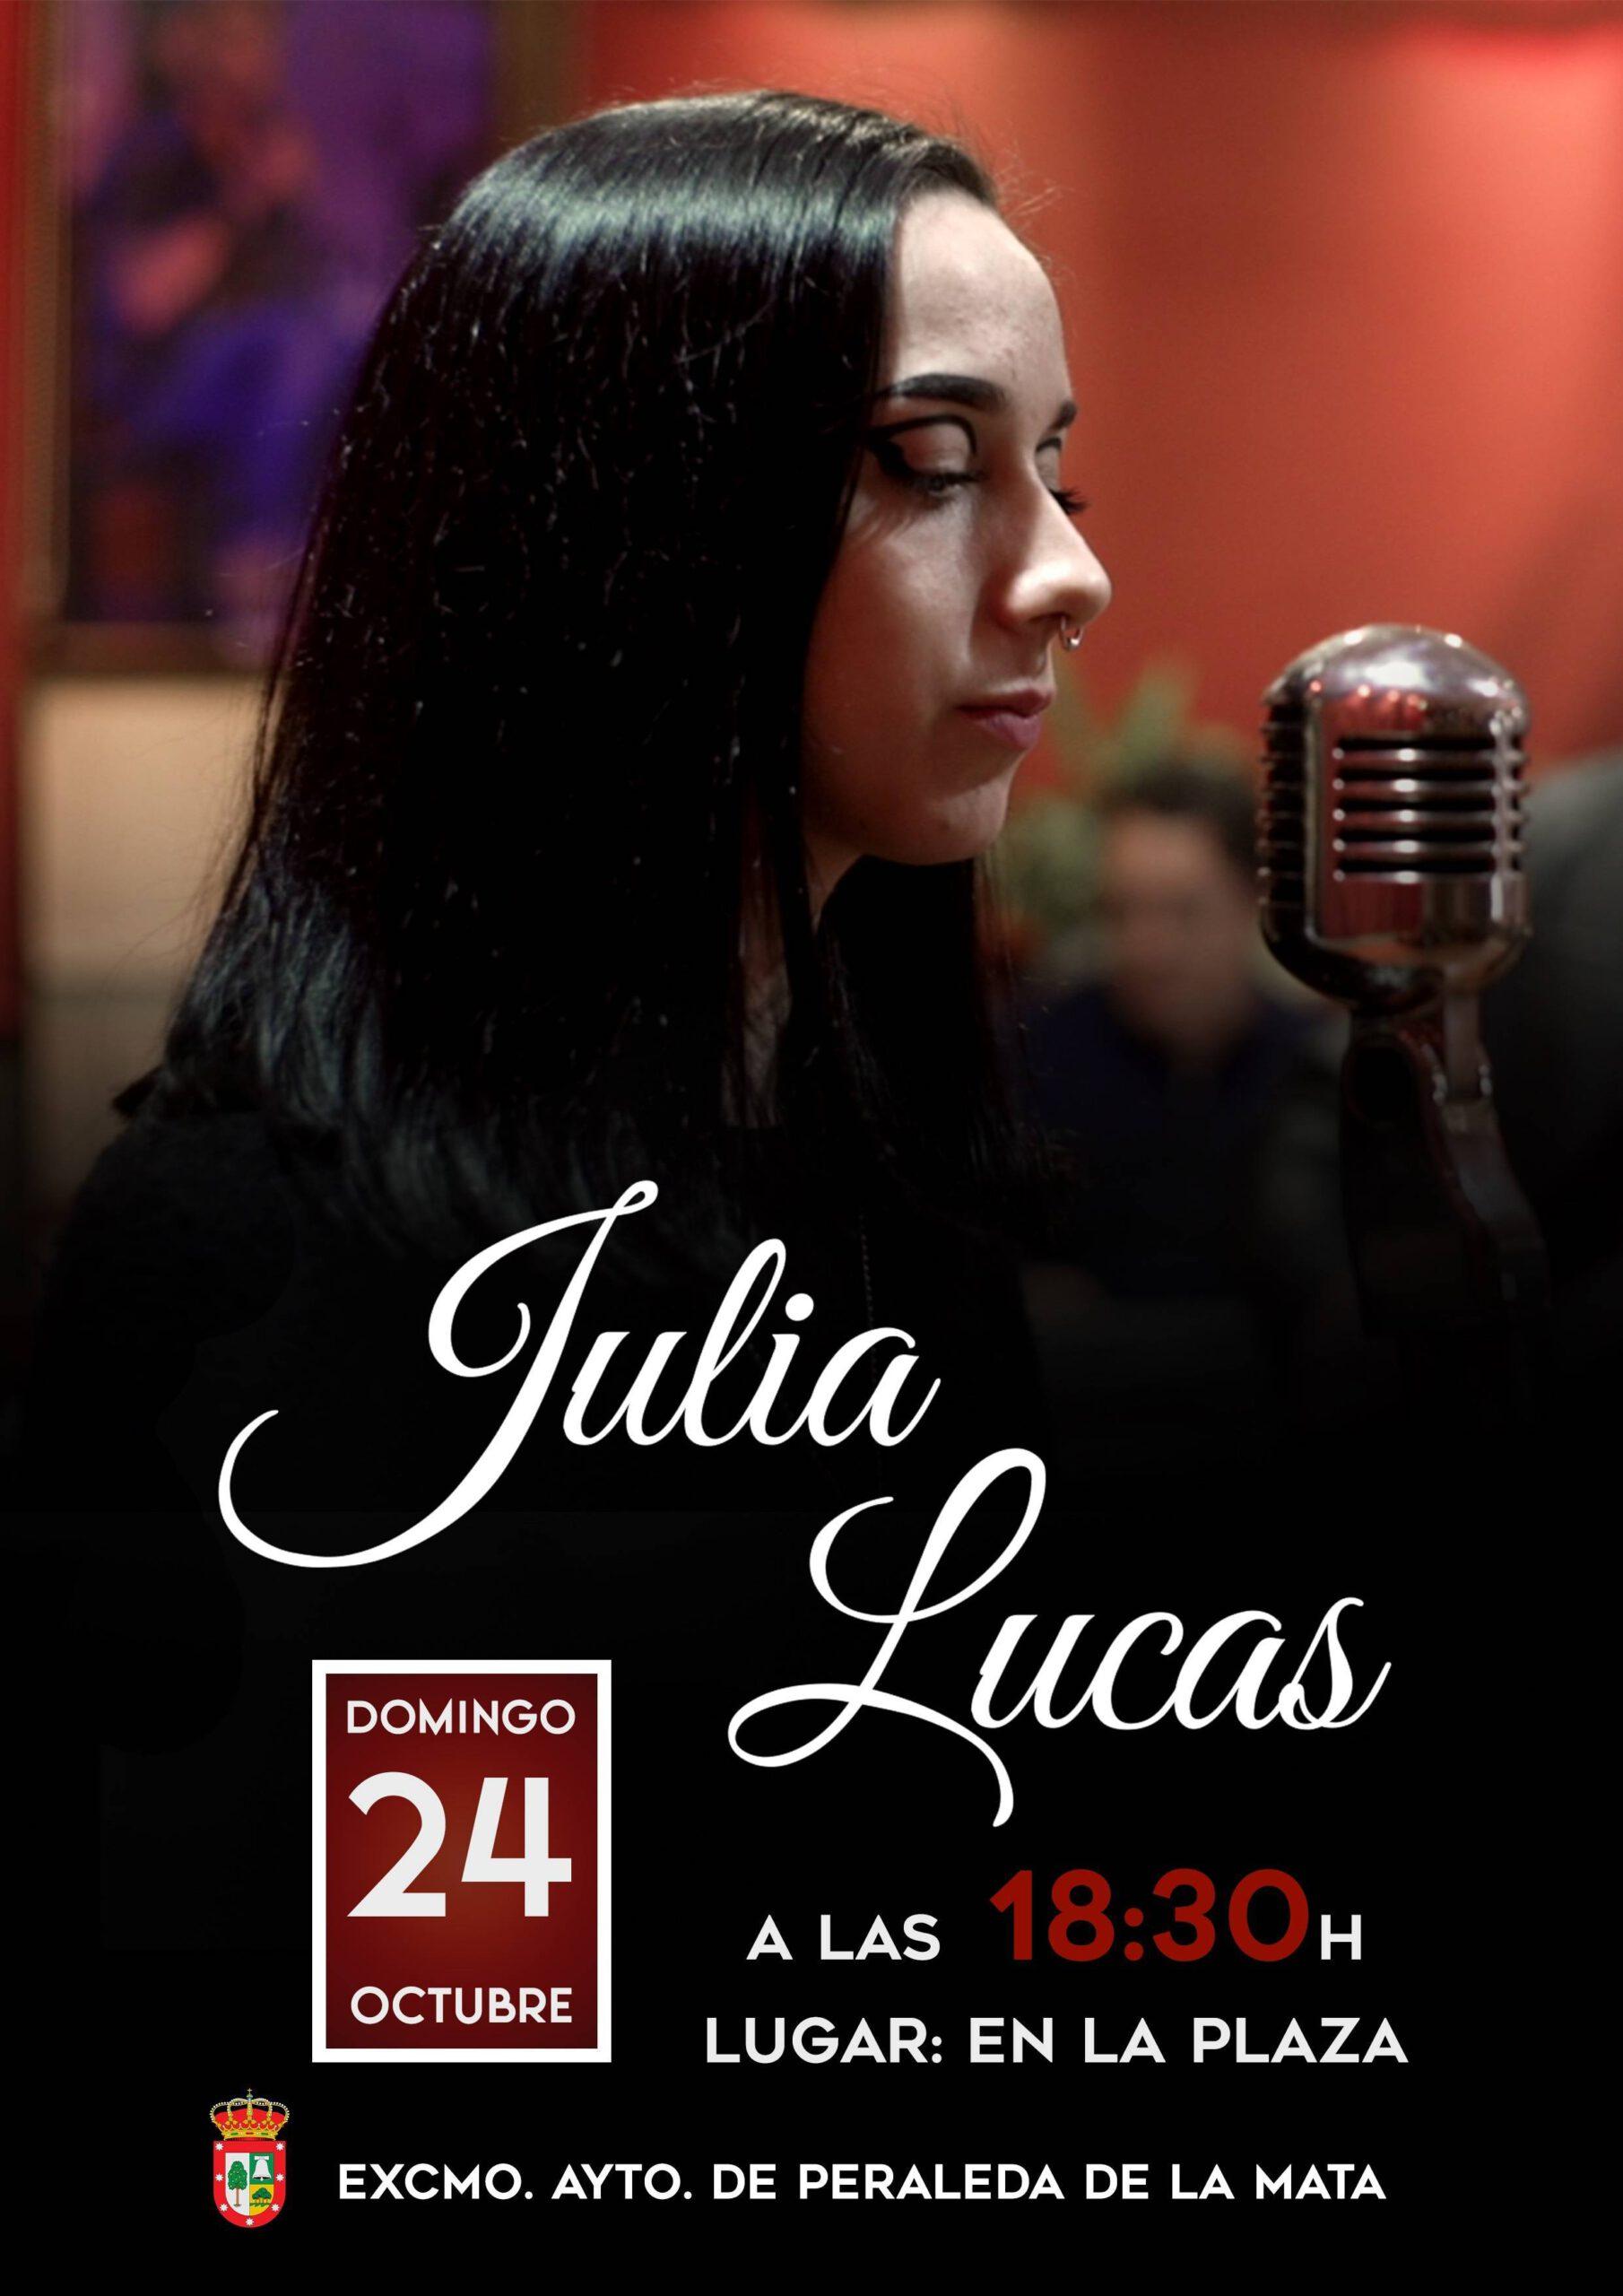 Julia Lucas (2021) - Peraleda de la Mata (Cáceres)